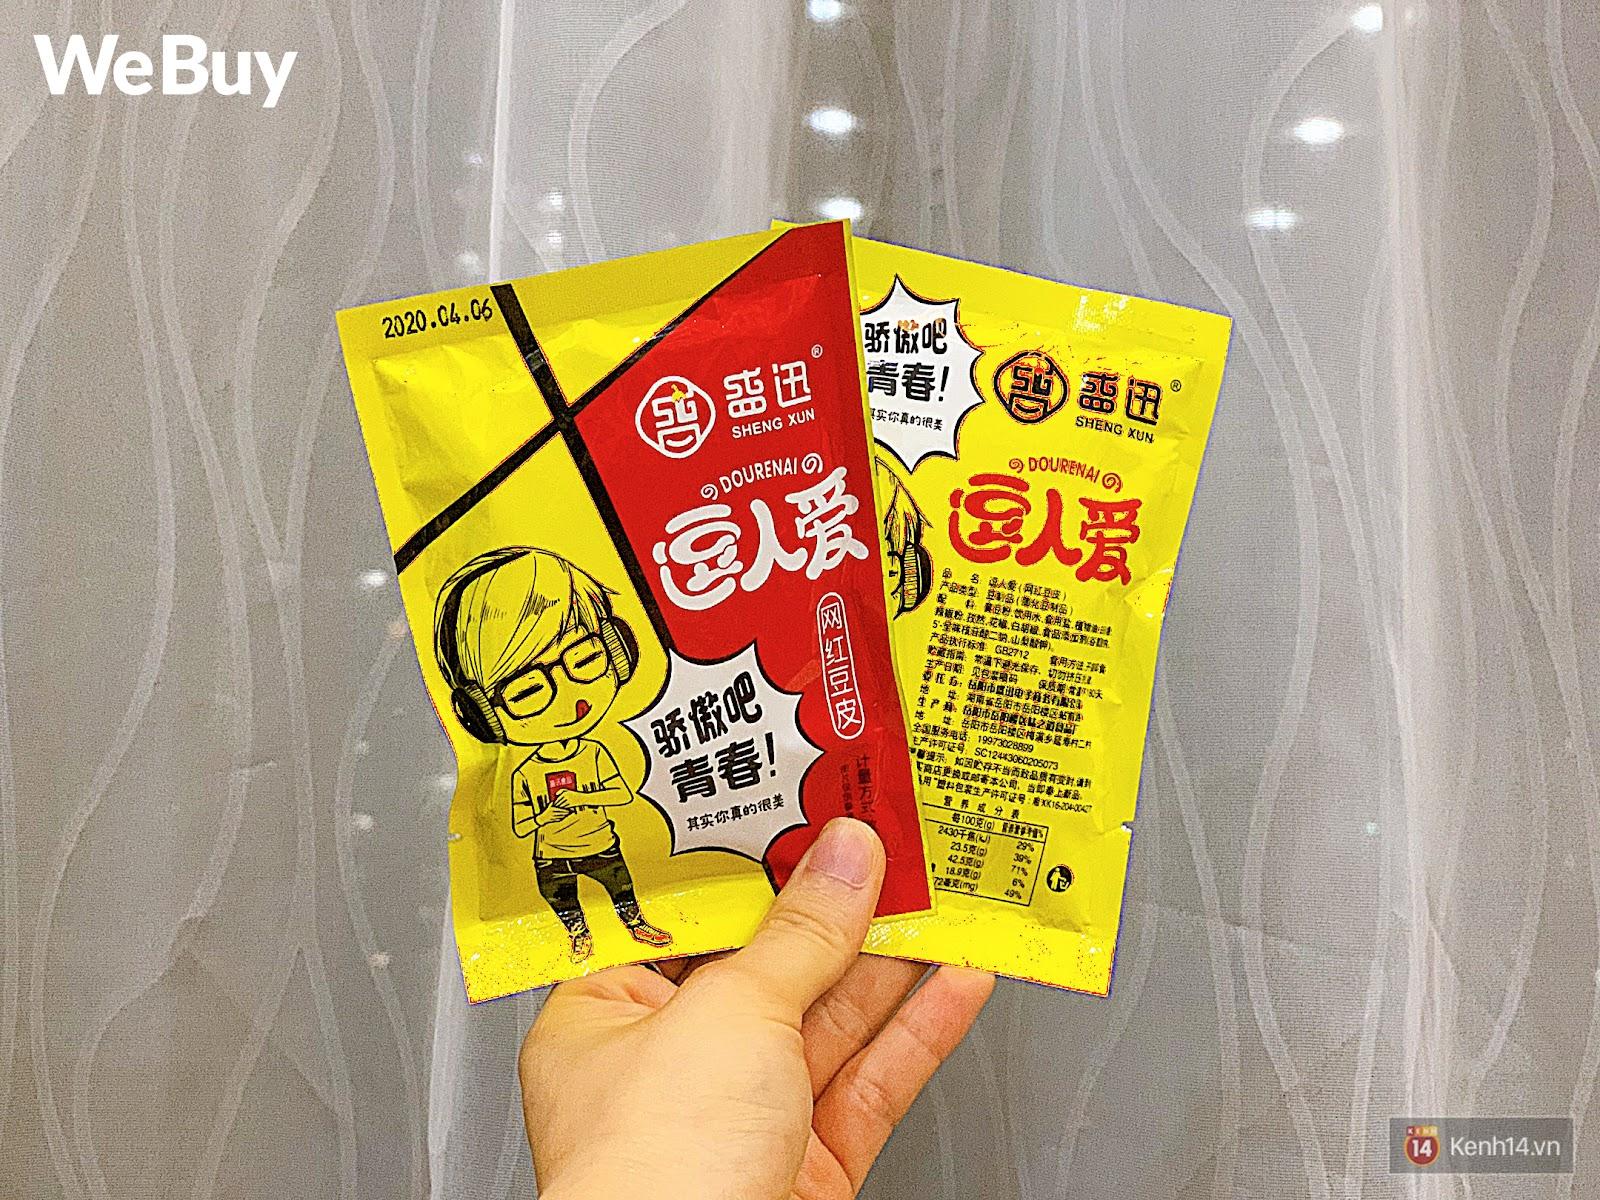 """Review set đồ ăn vặt nội địa Trung Quốc hot hit gần đây: Lung linh hấp dẫn là thế nhưng ăn thử mới thấy như bị... """"lừa tình"""" - Ảnh 16."""